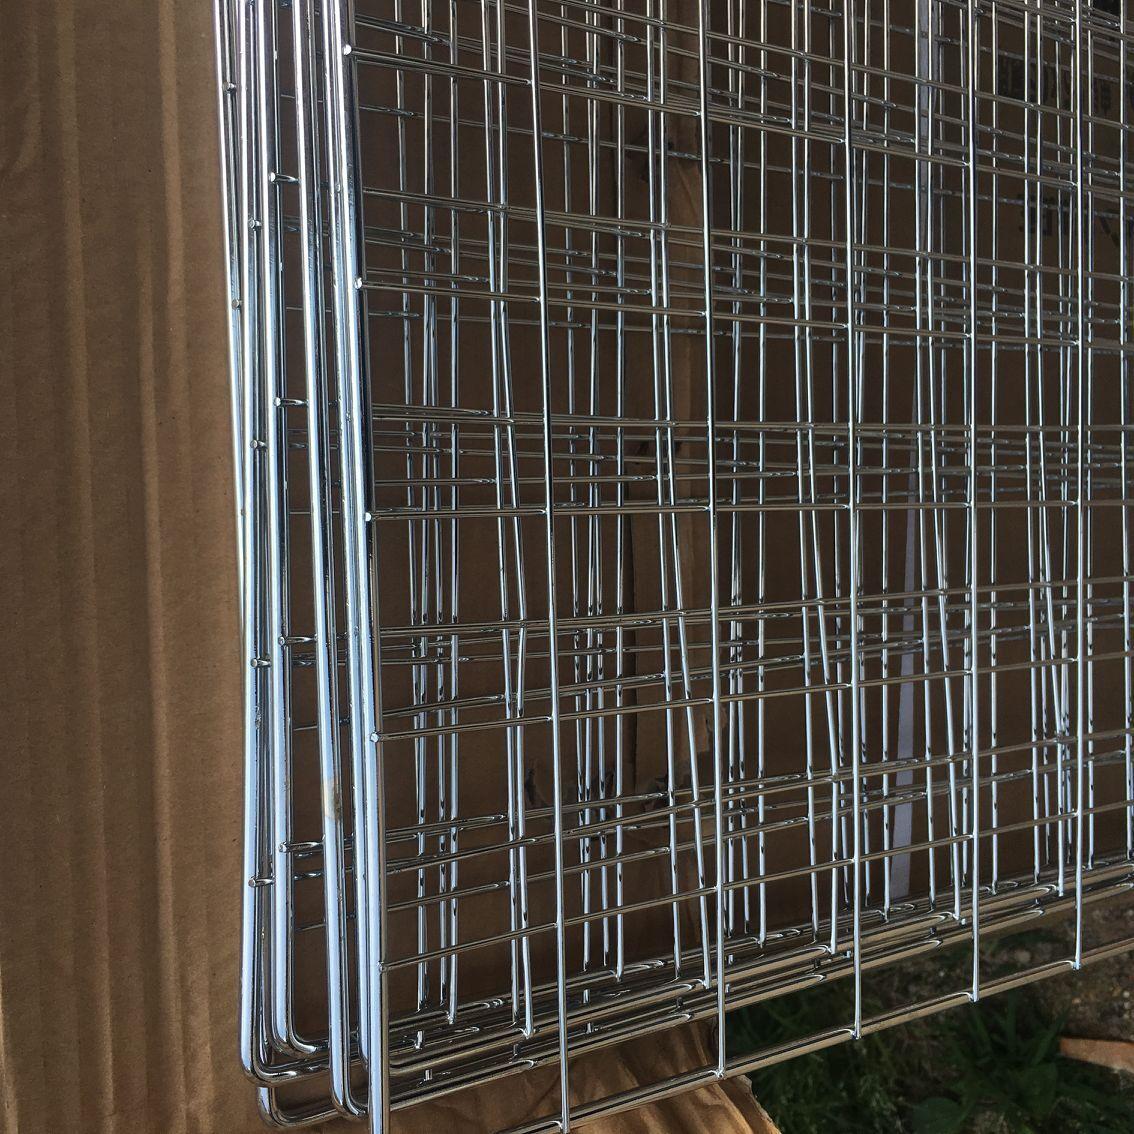 铁丝网格货架网片网格上 墙挂照片格子架饰品架挂钩小商品展示架